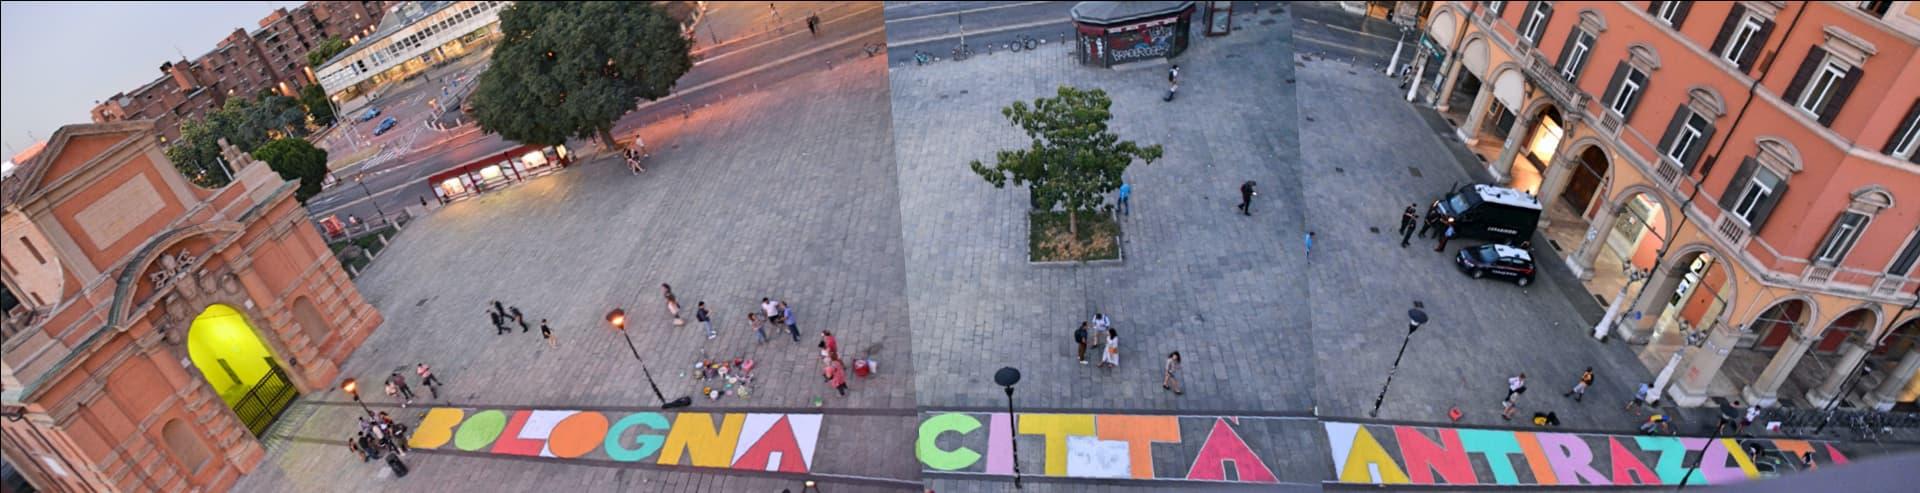 13. Bologna Città Antirazzista 3